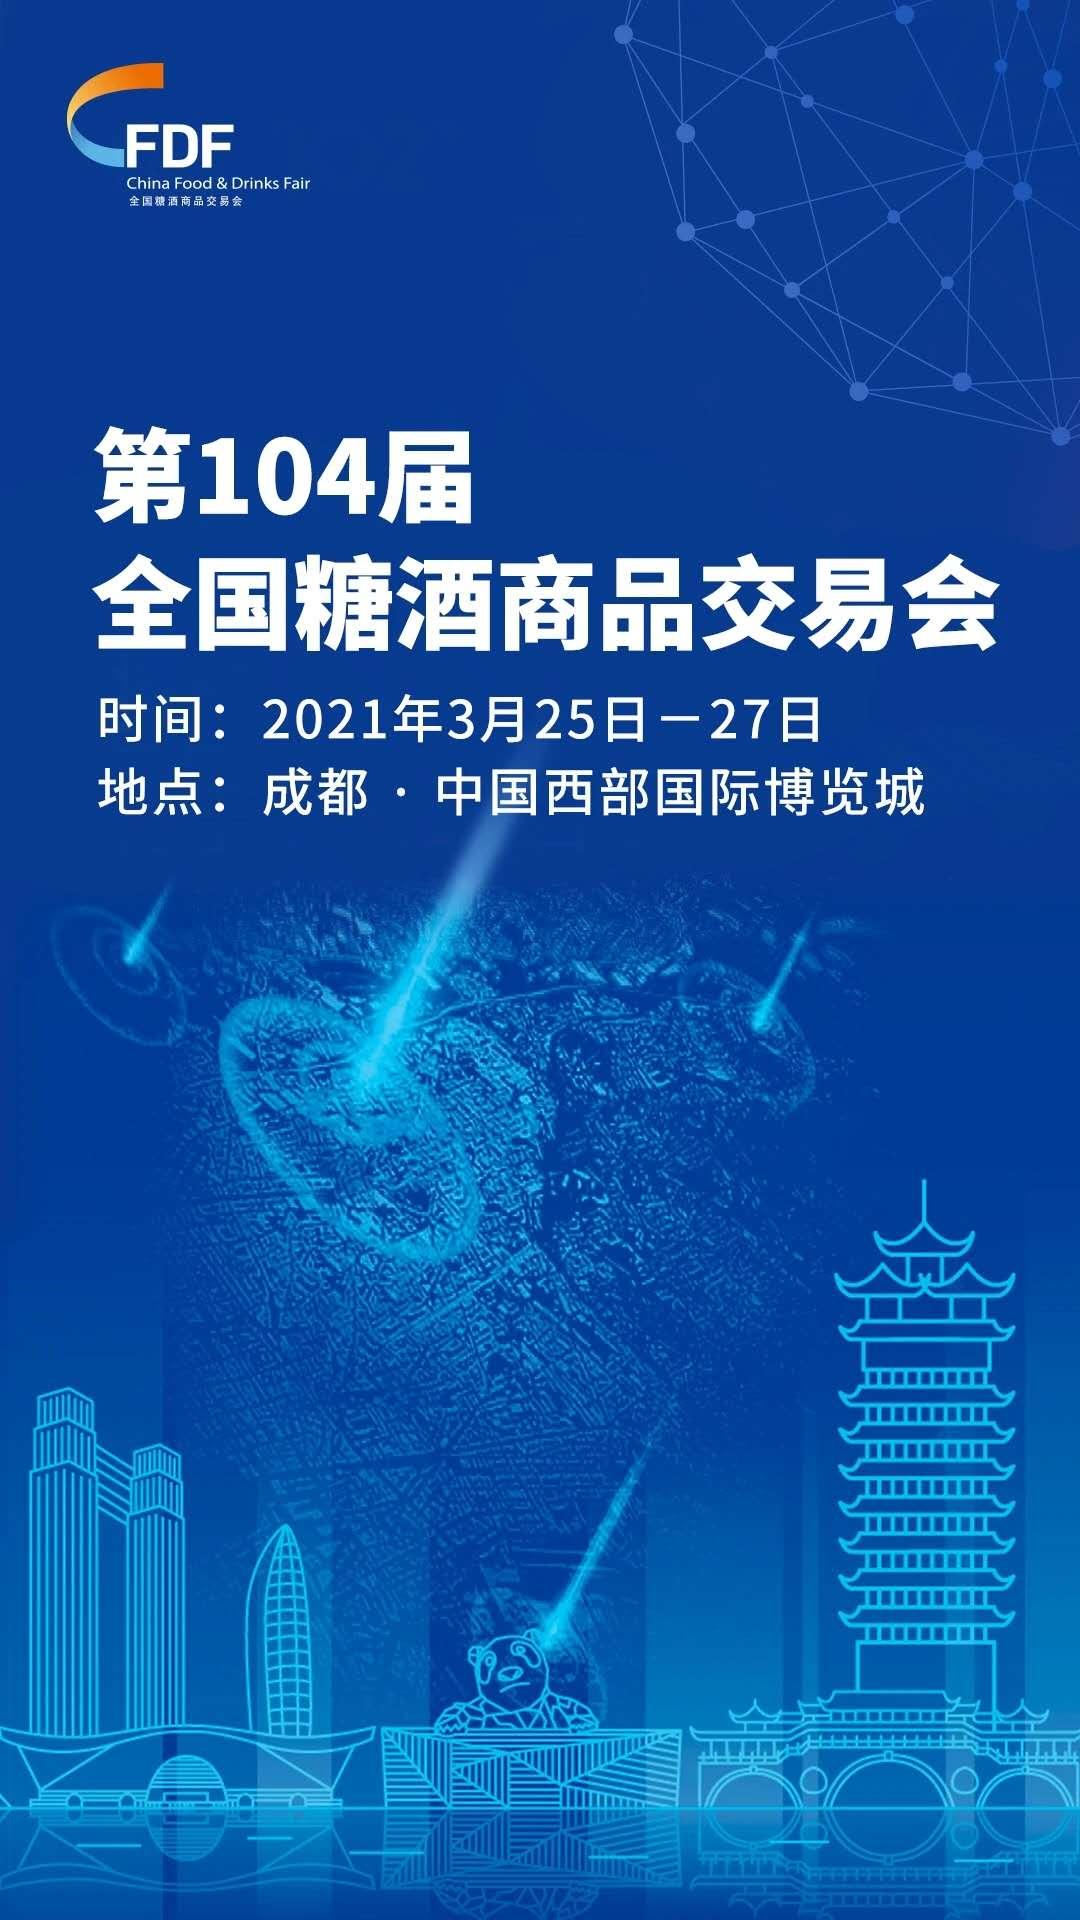 第104届全国糖酒会将于明年3月25日-27日在成都举办图片